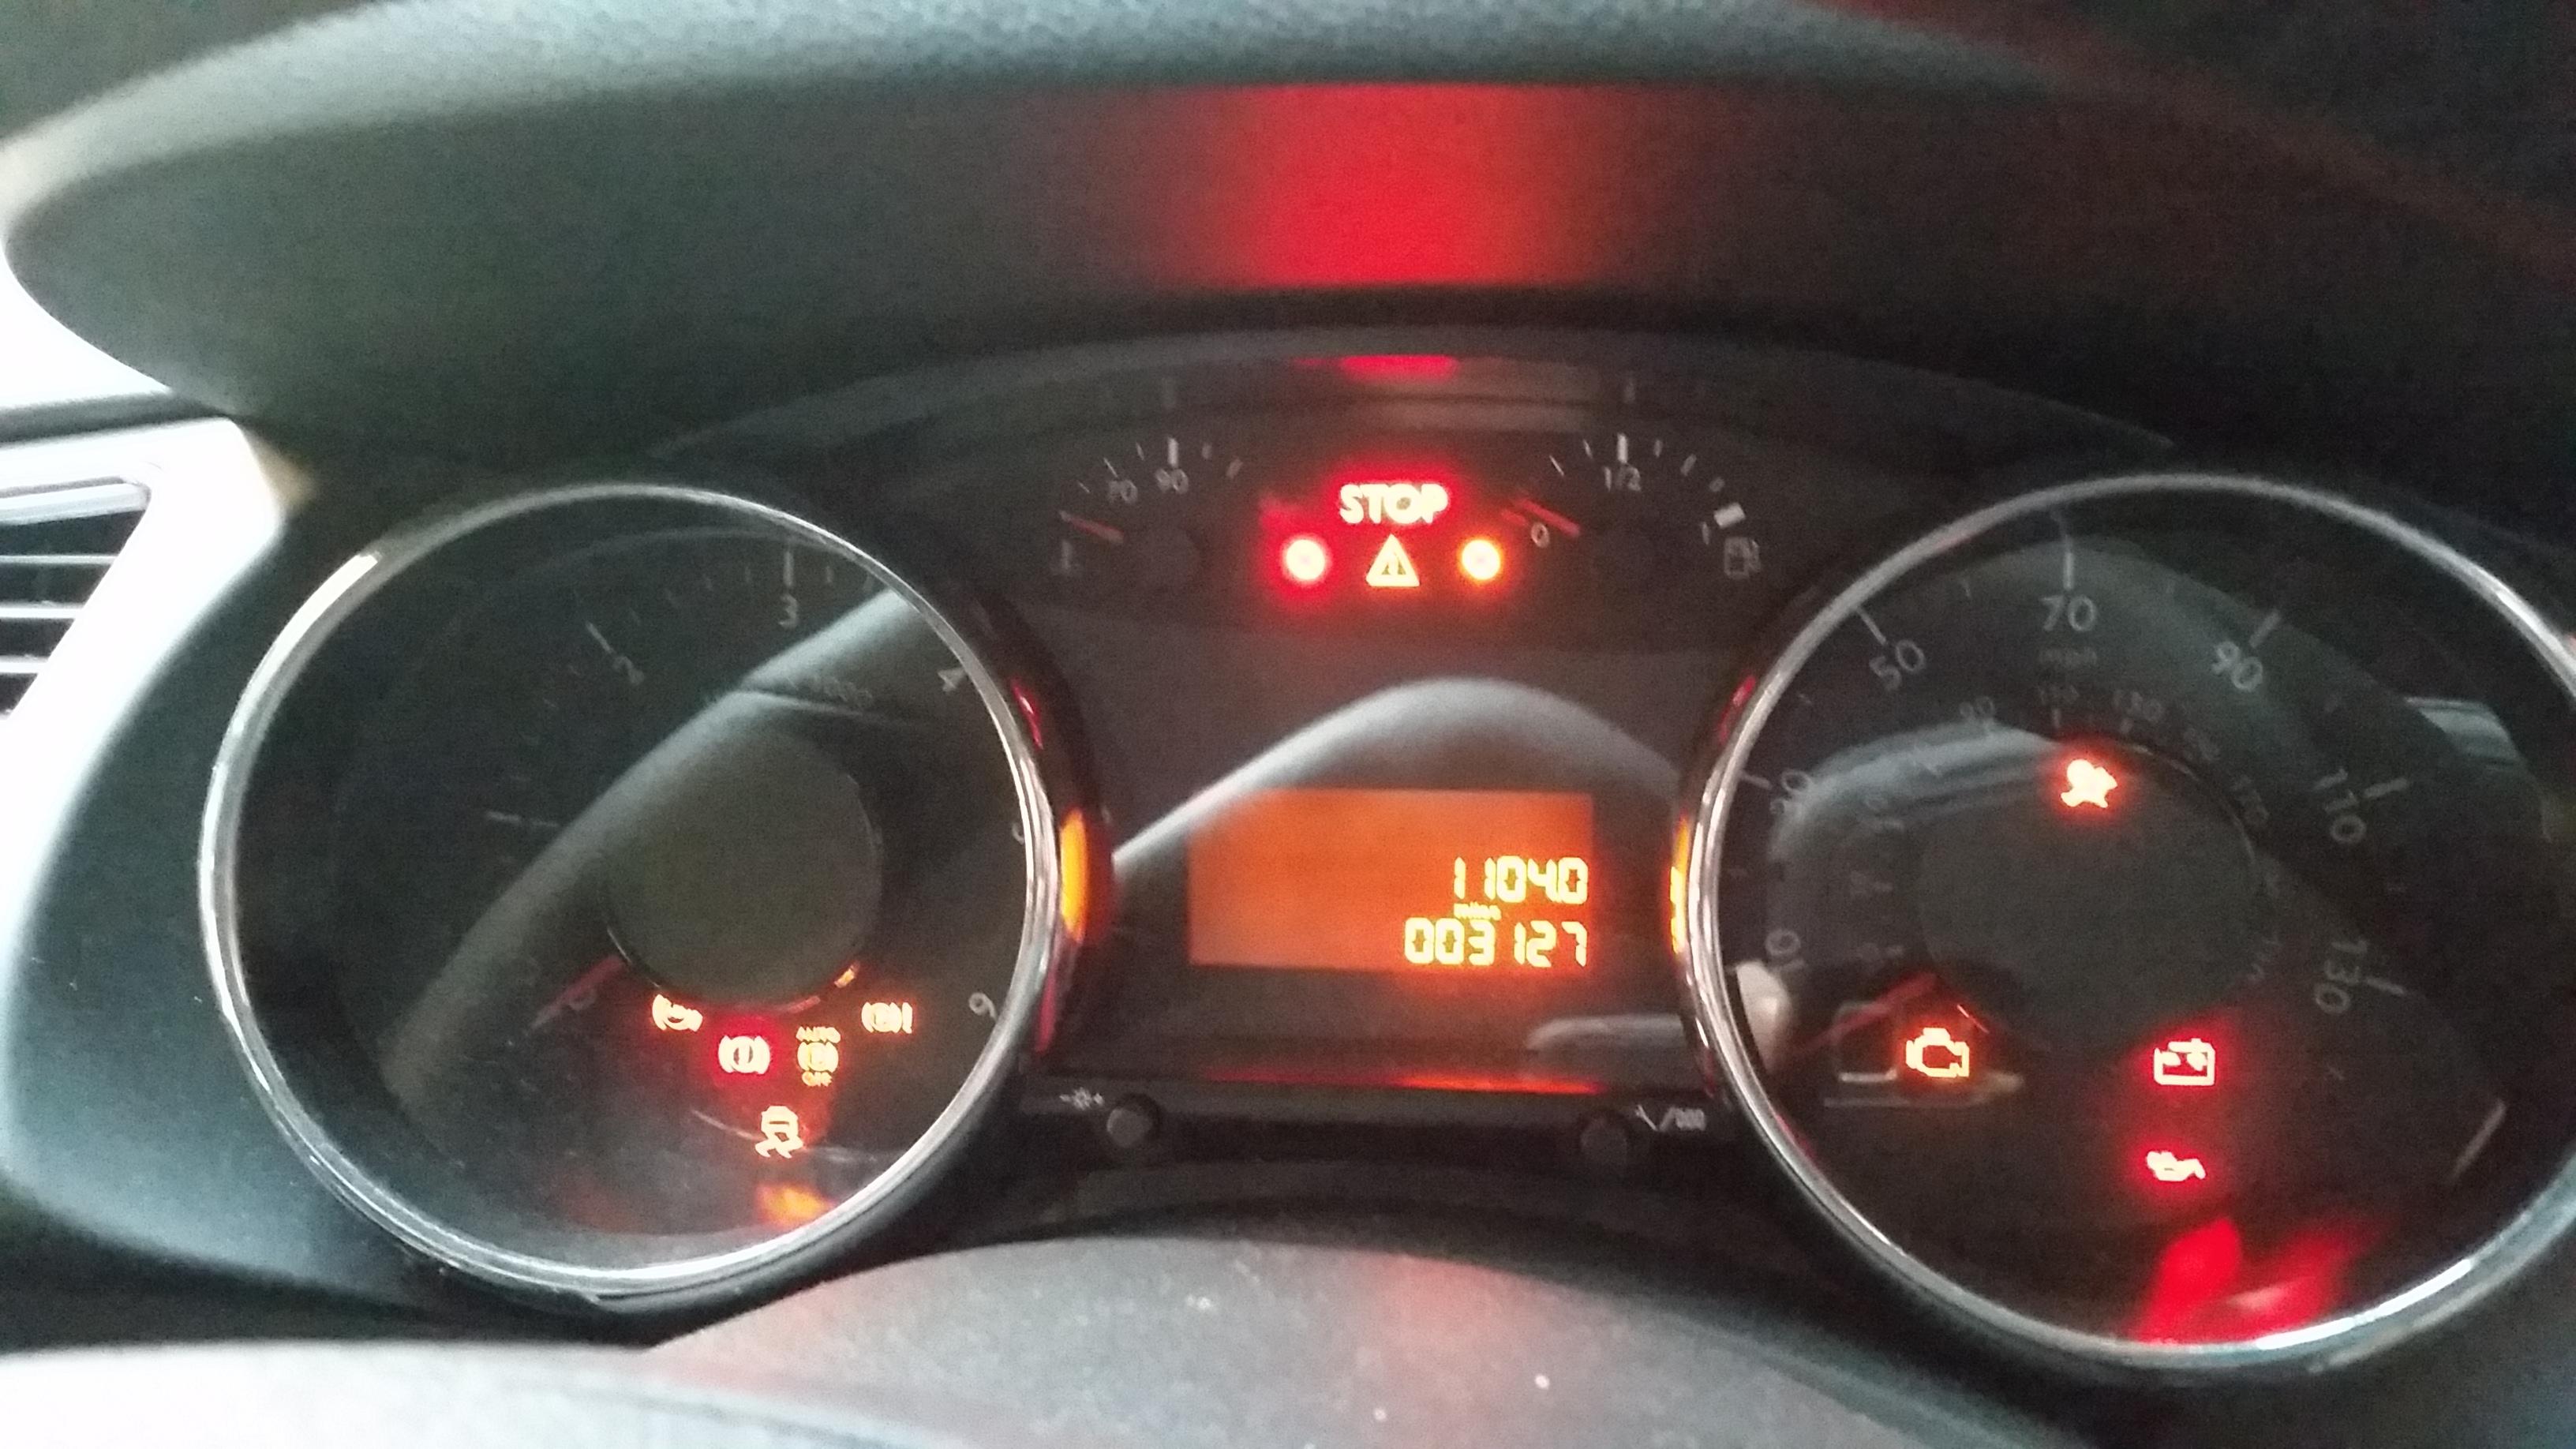 Peugeot 3008 Door Mirror Passengers Side -  - Peugeot 3008 2014 Diesel 1.6L Manual 6 Speed 5 Door